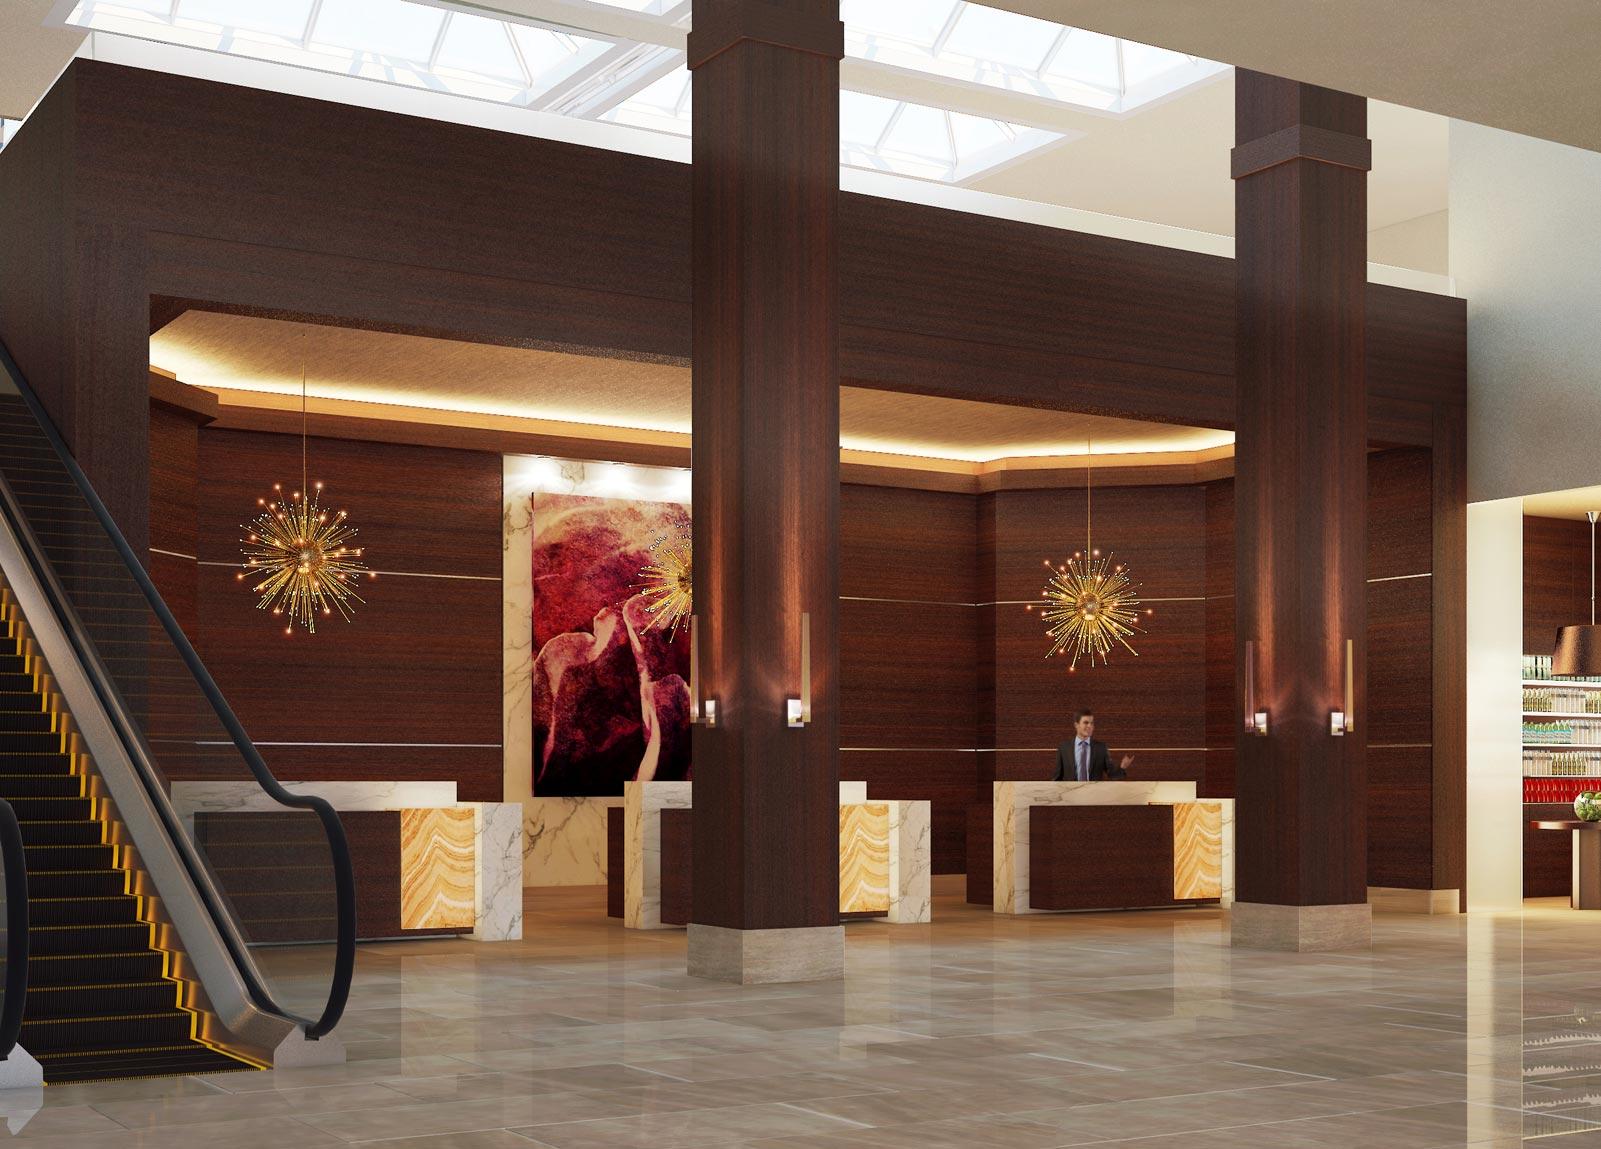 Hilton Tampa Downtown - Hilton Downtown in Tampa - Downtown Tampa Hilton